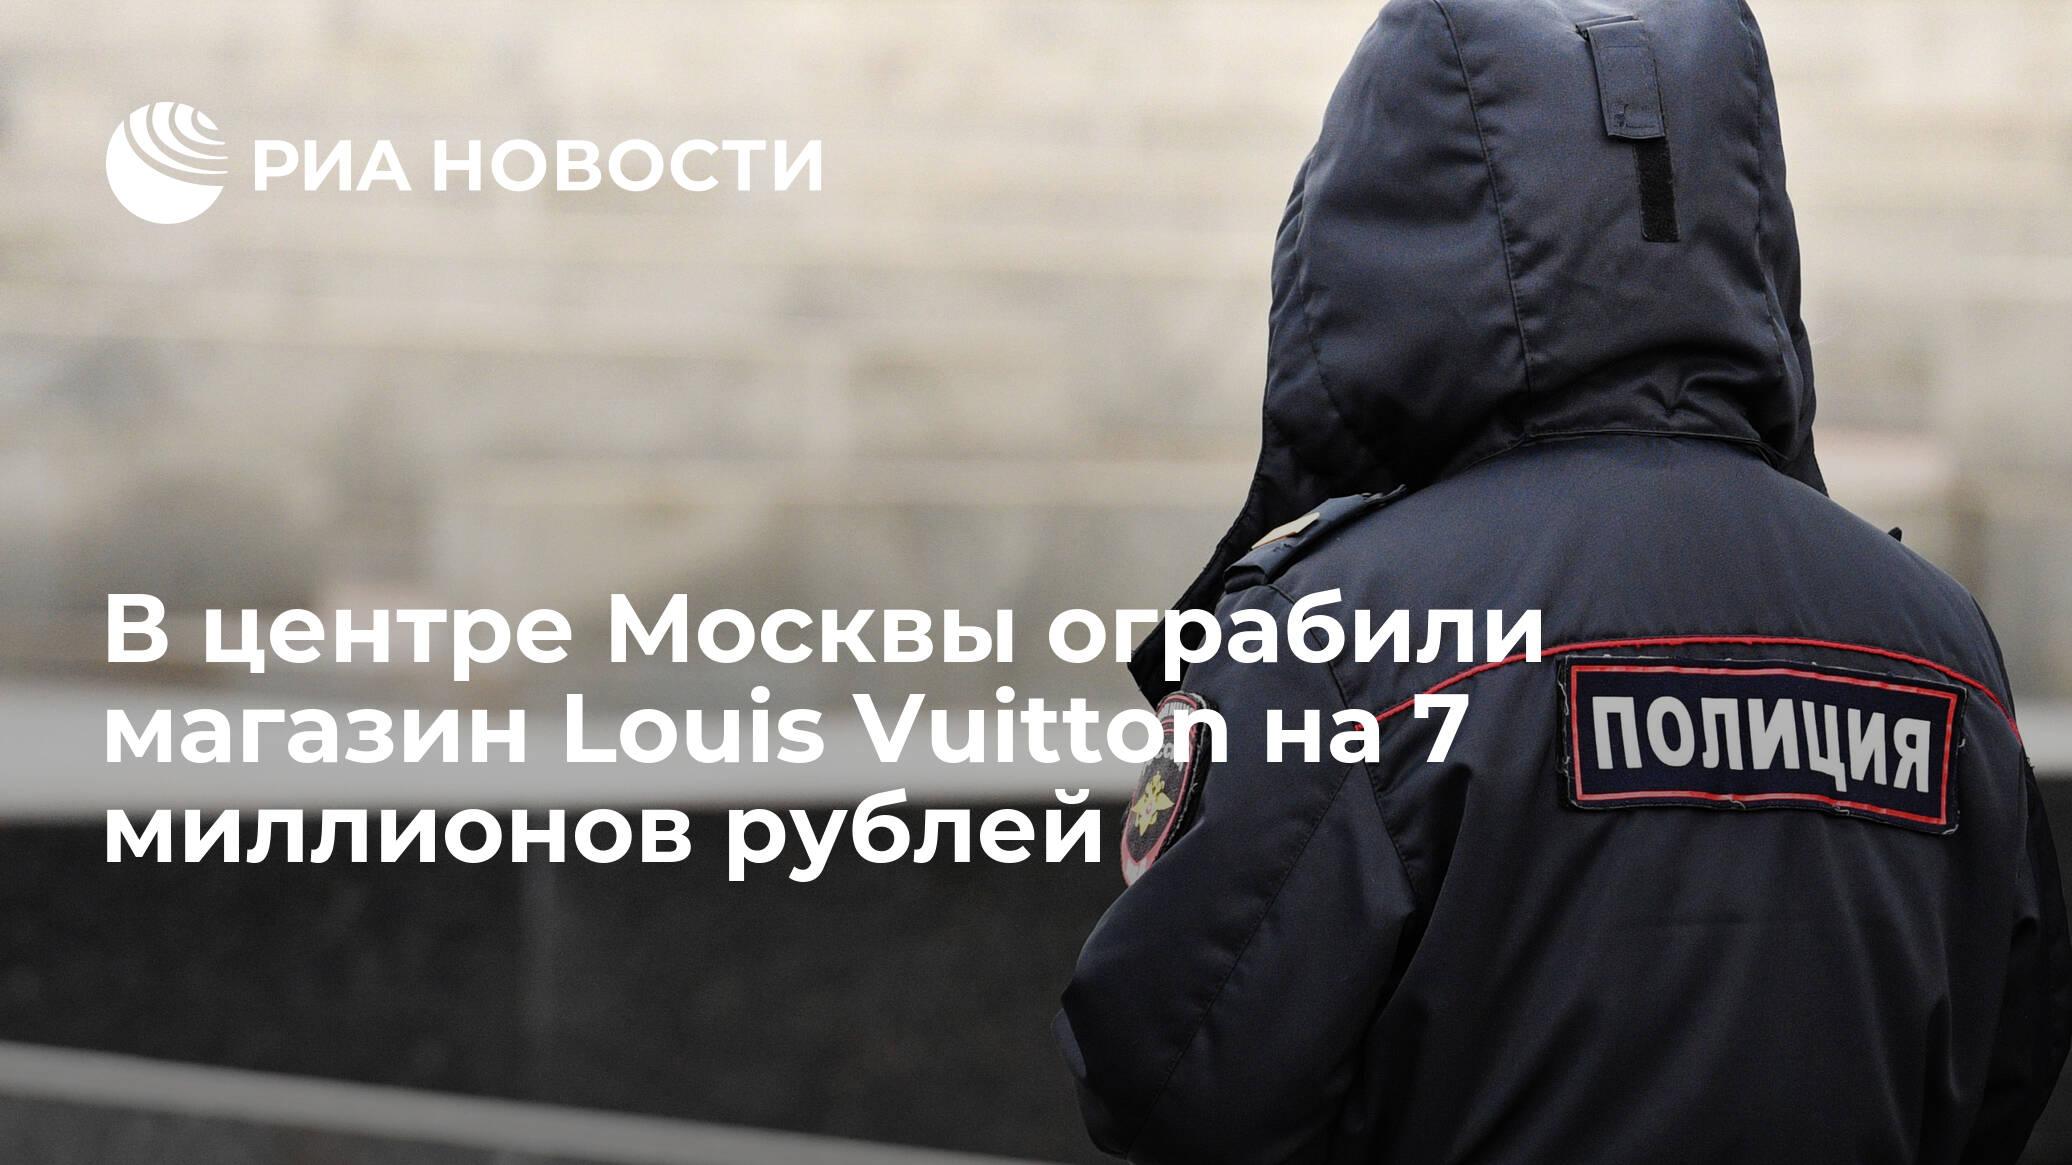 e667e3442d7e В центре Москвы ограбили магазин Louis Vuitton на 7 миллионов рублей - РИА  Новости, 31.12.2018